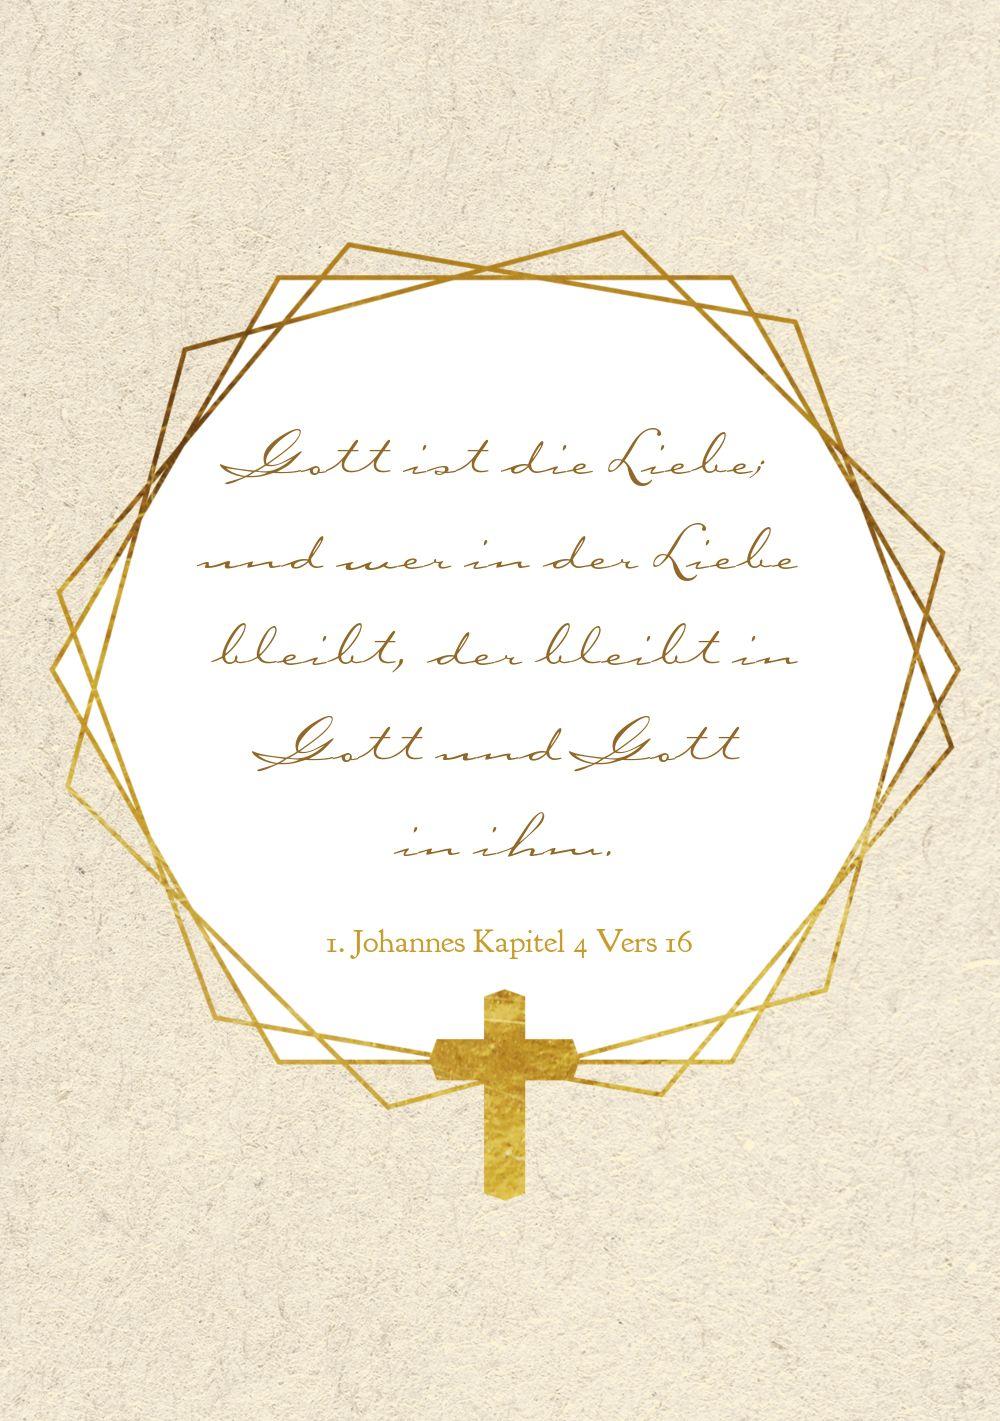 Ansicht 4 - Firmung Einladung Goldrausch